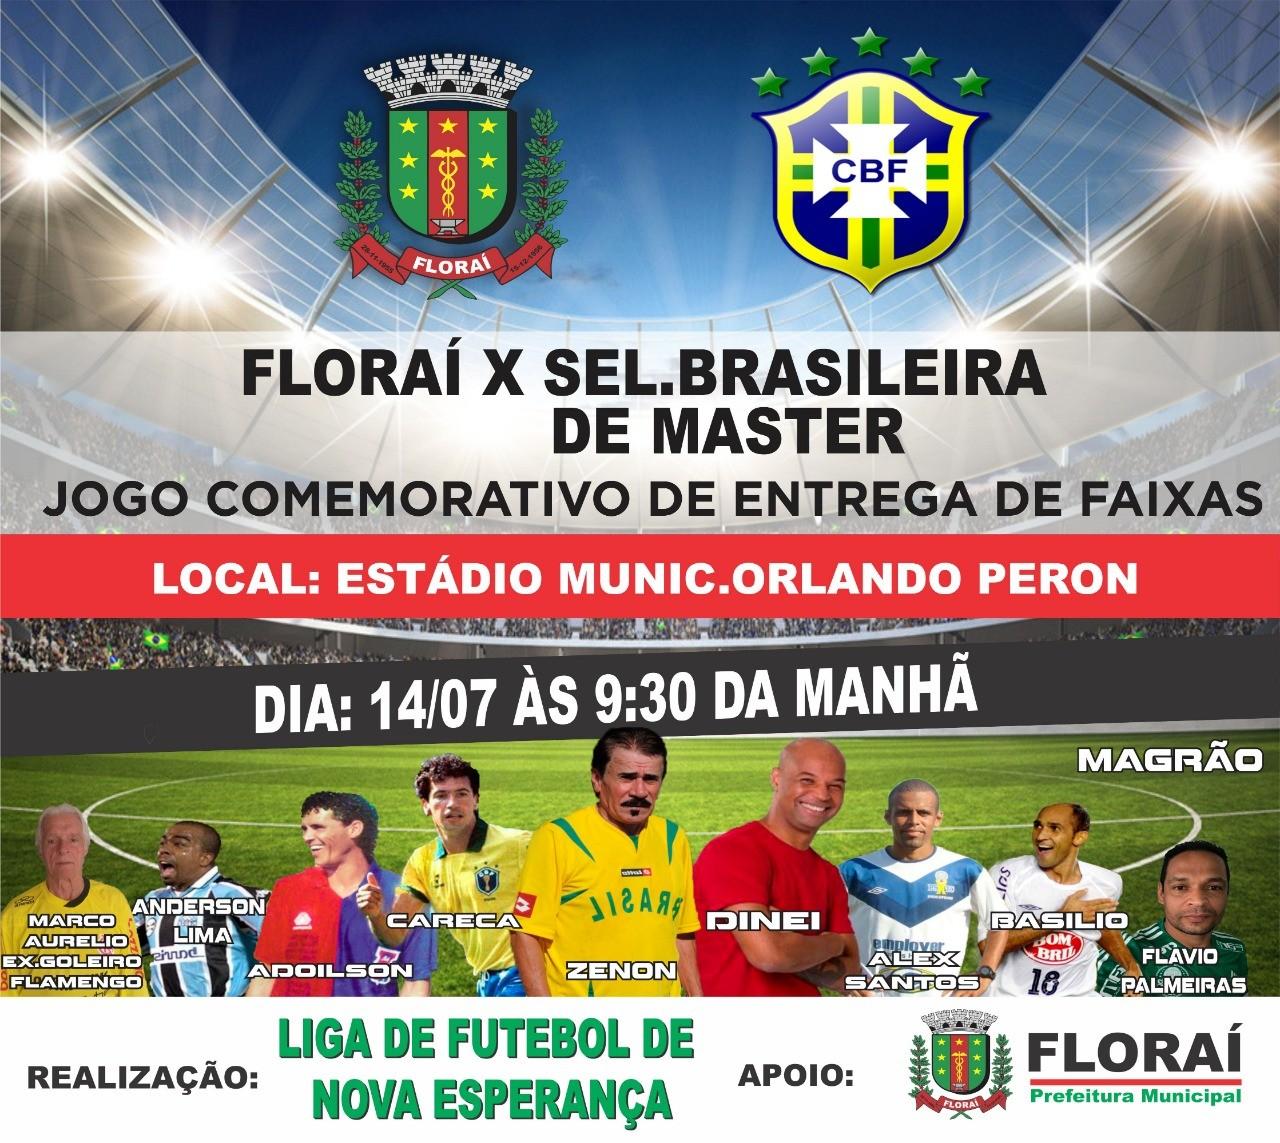 Floraí enfrenta seleção brasileira máster em jogo comemorativo